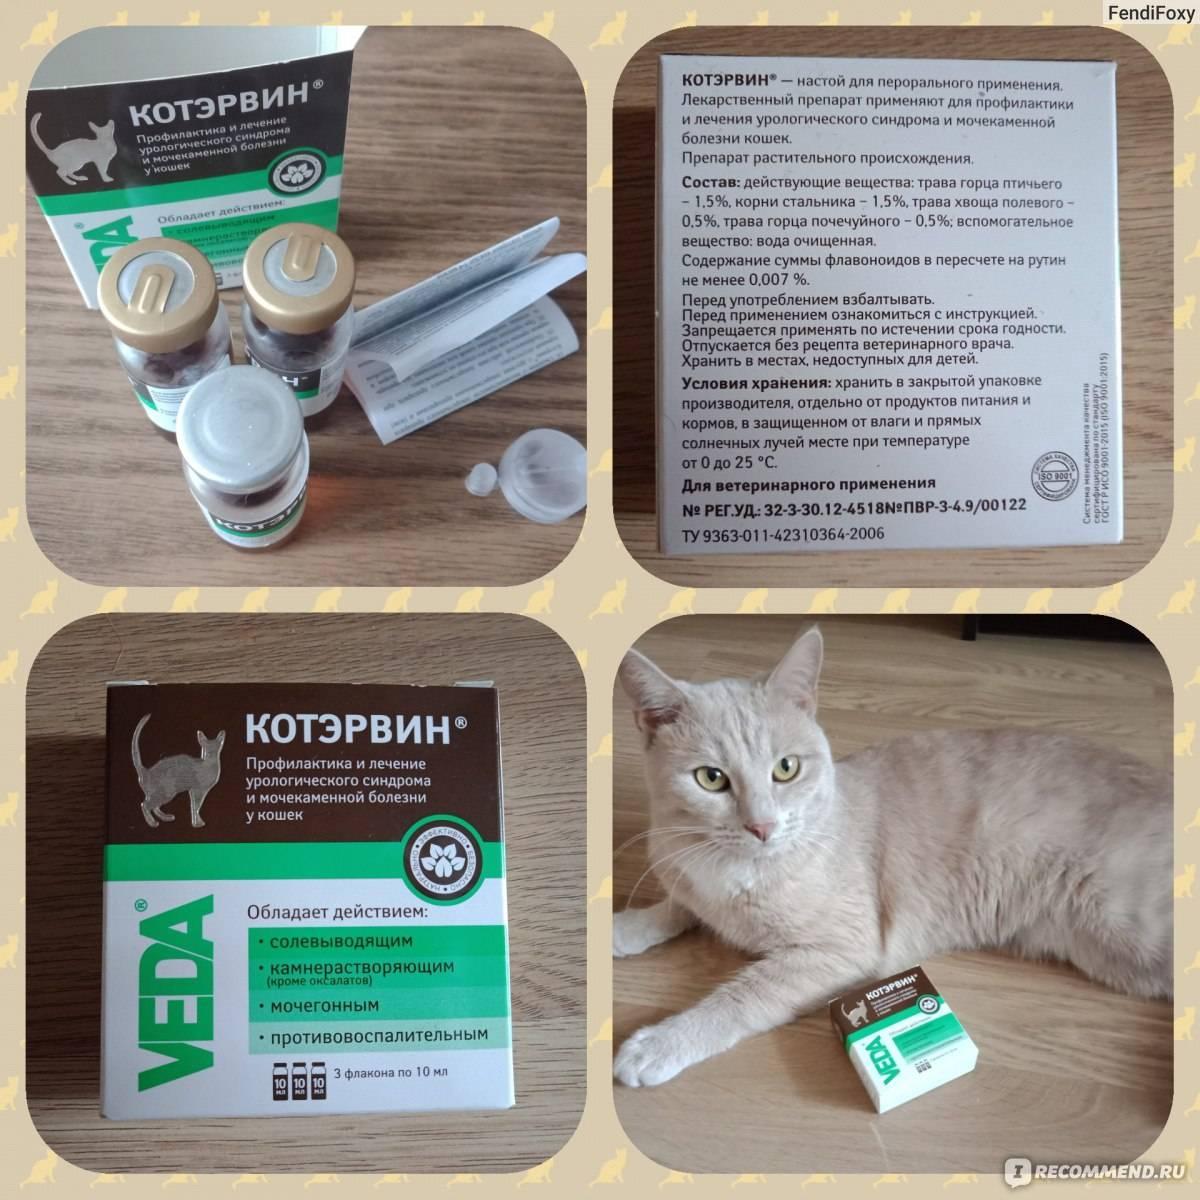 Котэрвин для кошек и собак инструкция по применению лекарства  котэрвин в ветеринарии состав дозировка отзывы